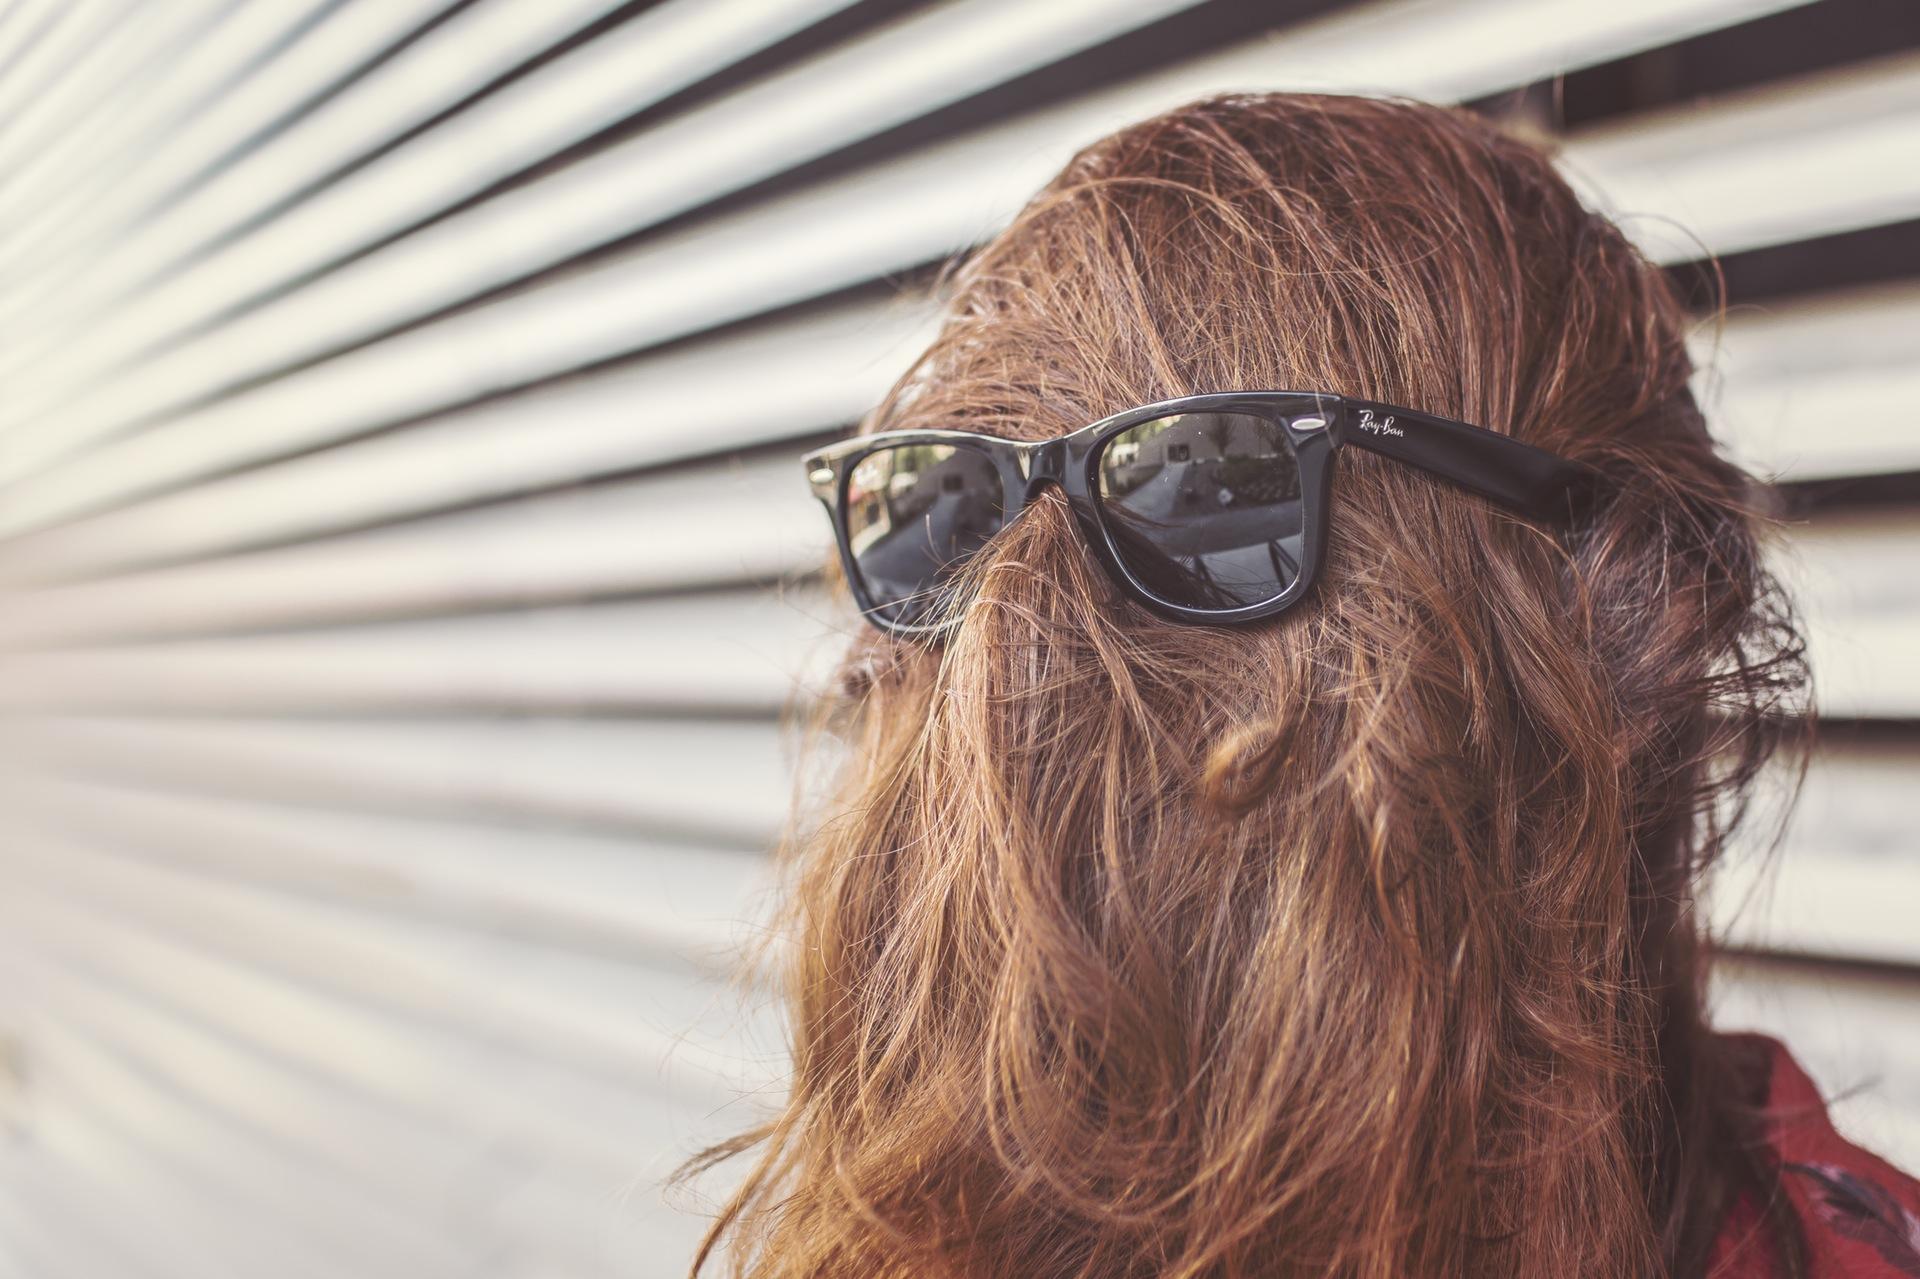 हास्य, धूप का चश्मा, बाल, मजाक, Chewbacca - HD वॉलपेपर - प्रोफेसर-falken.com